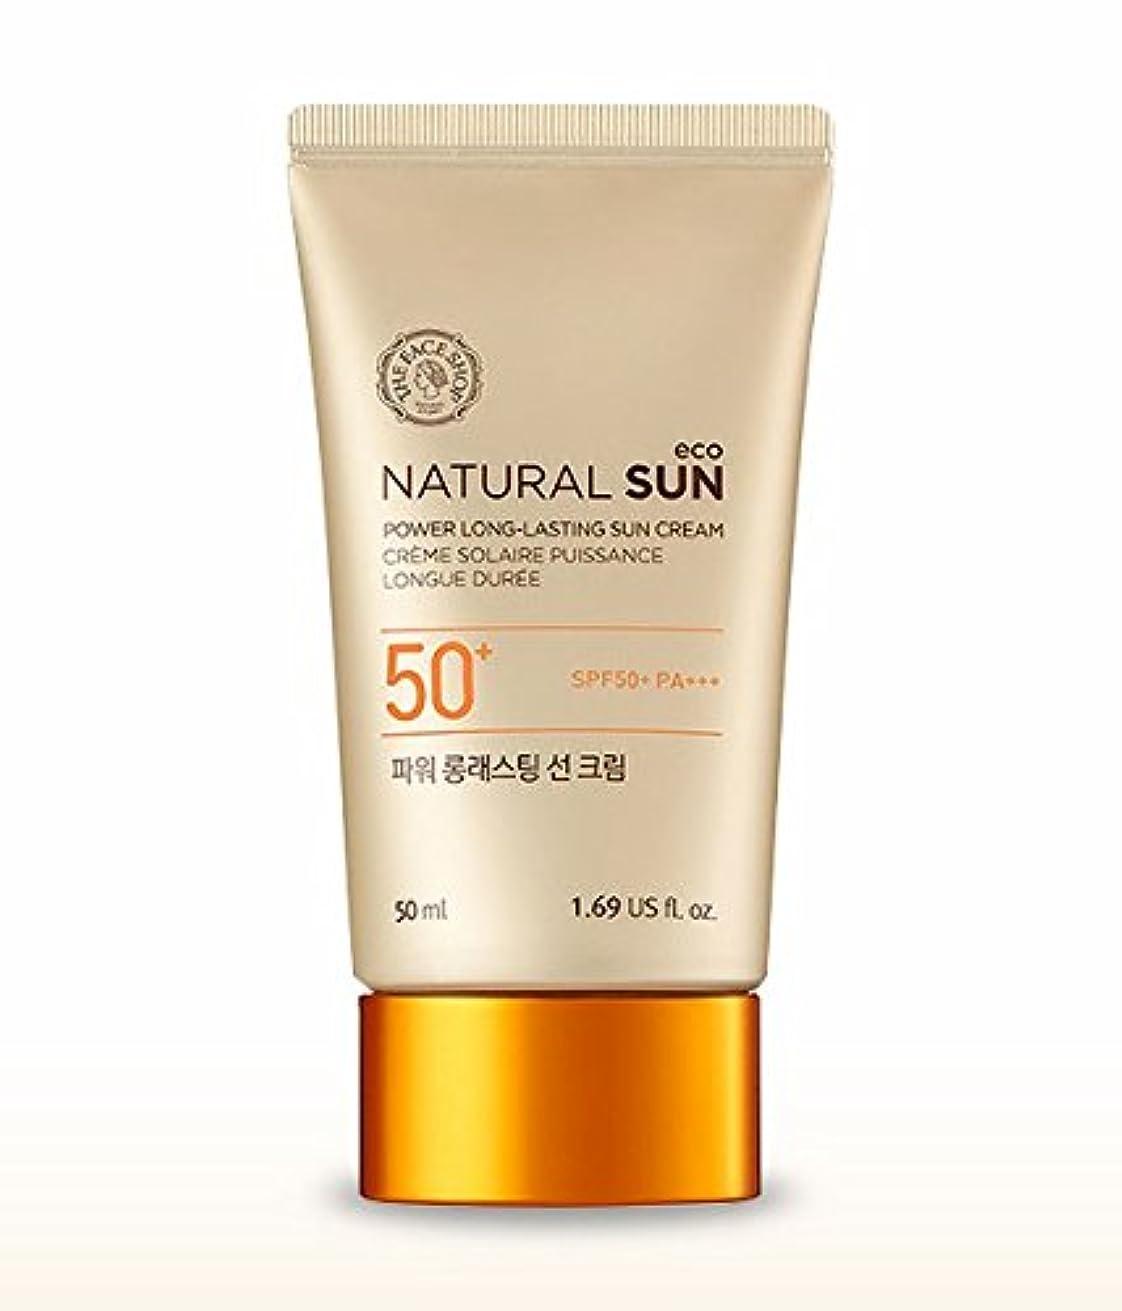 一杯習熟度コンパイルTHE FACE SHOP Natural Sun Eco Power Long Lasting Sun Cream 50mlザフェイスショップ ナチュラルサンパワーロングラスティングサンクリーム [並行輸入品]